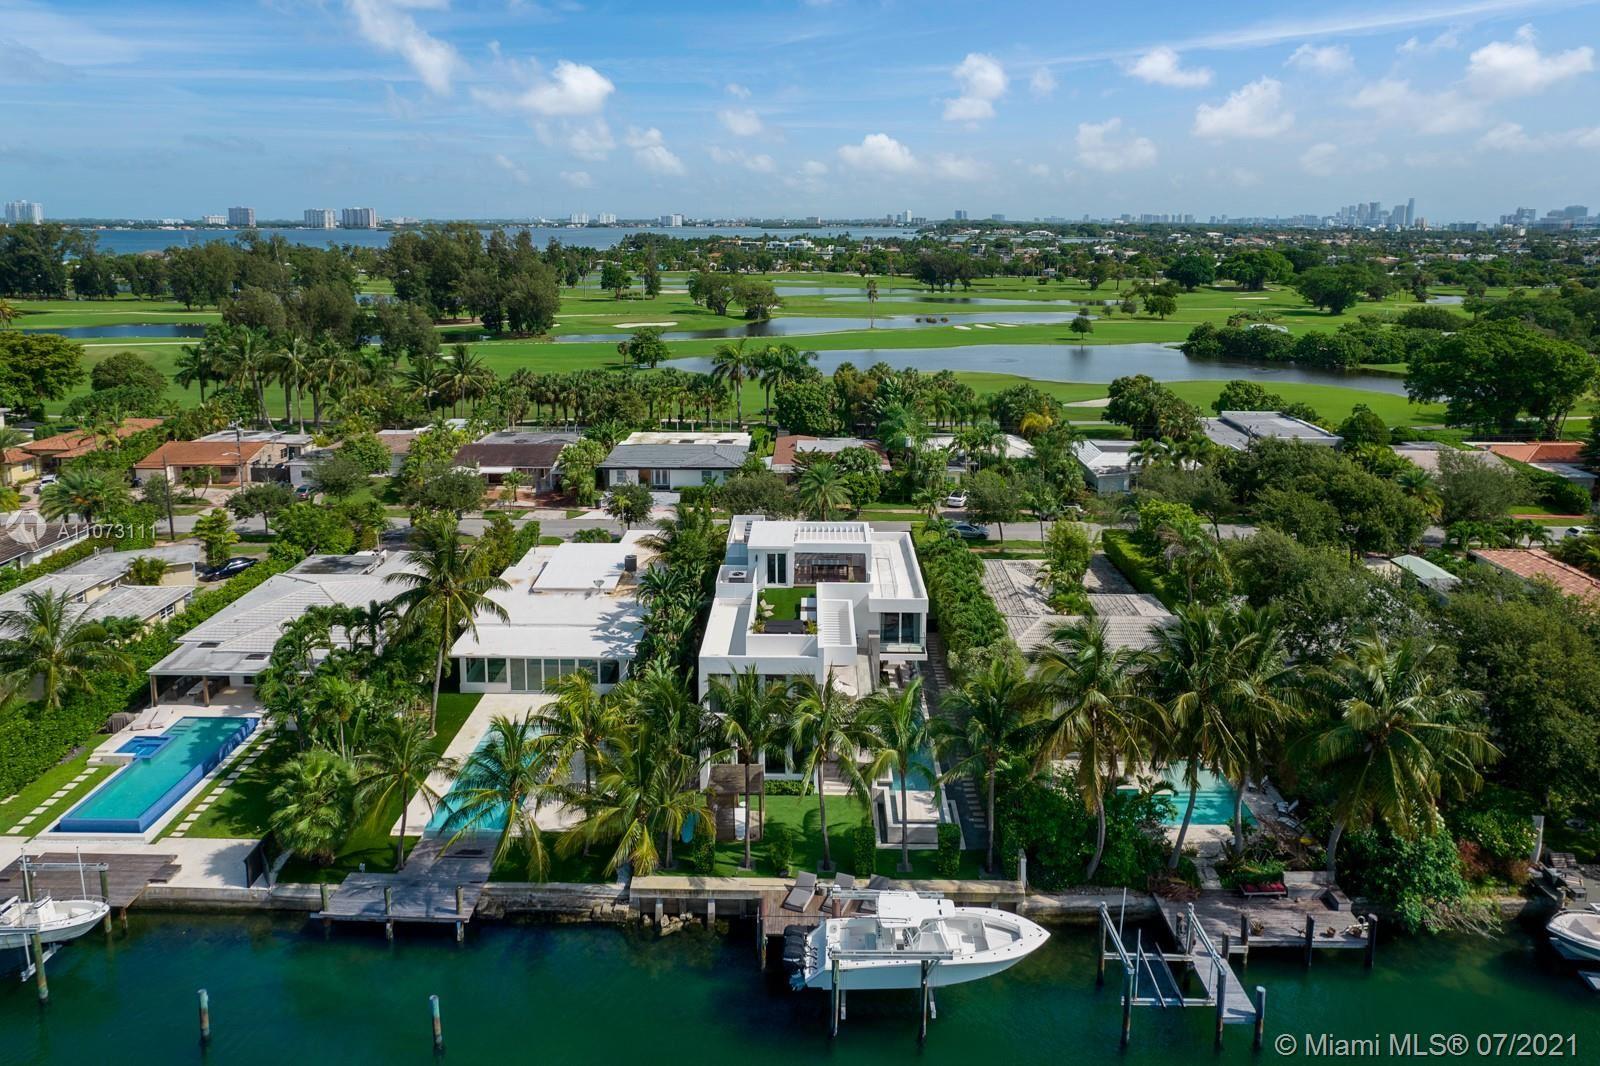 Photo of 672 S Shore Dr, Miami Beach, FL 33141 (MLS # A11073111)